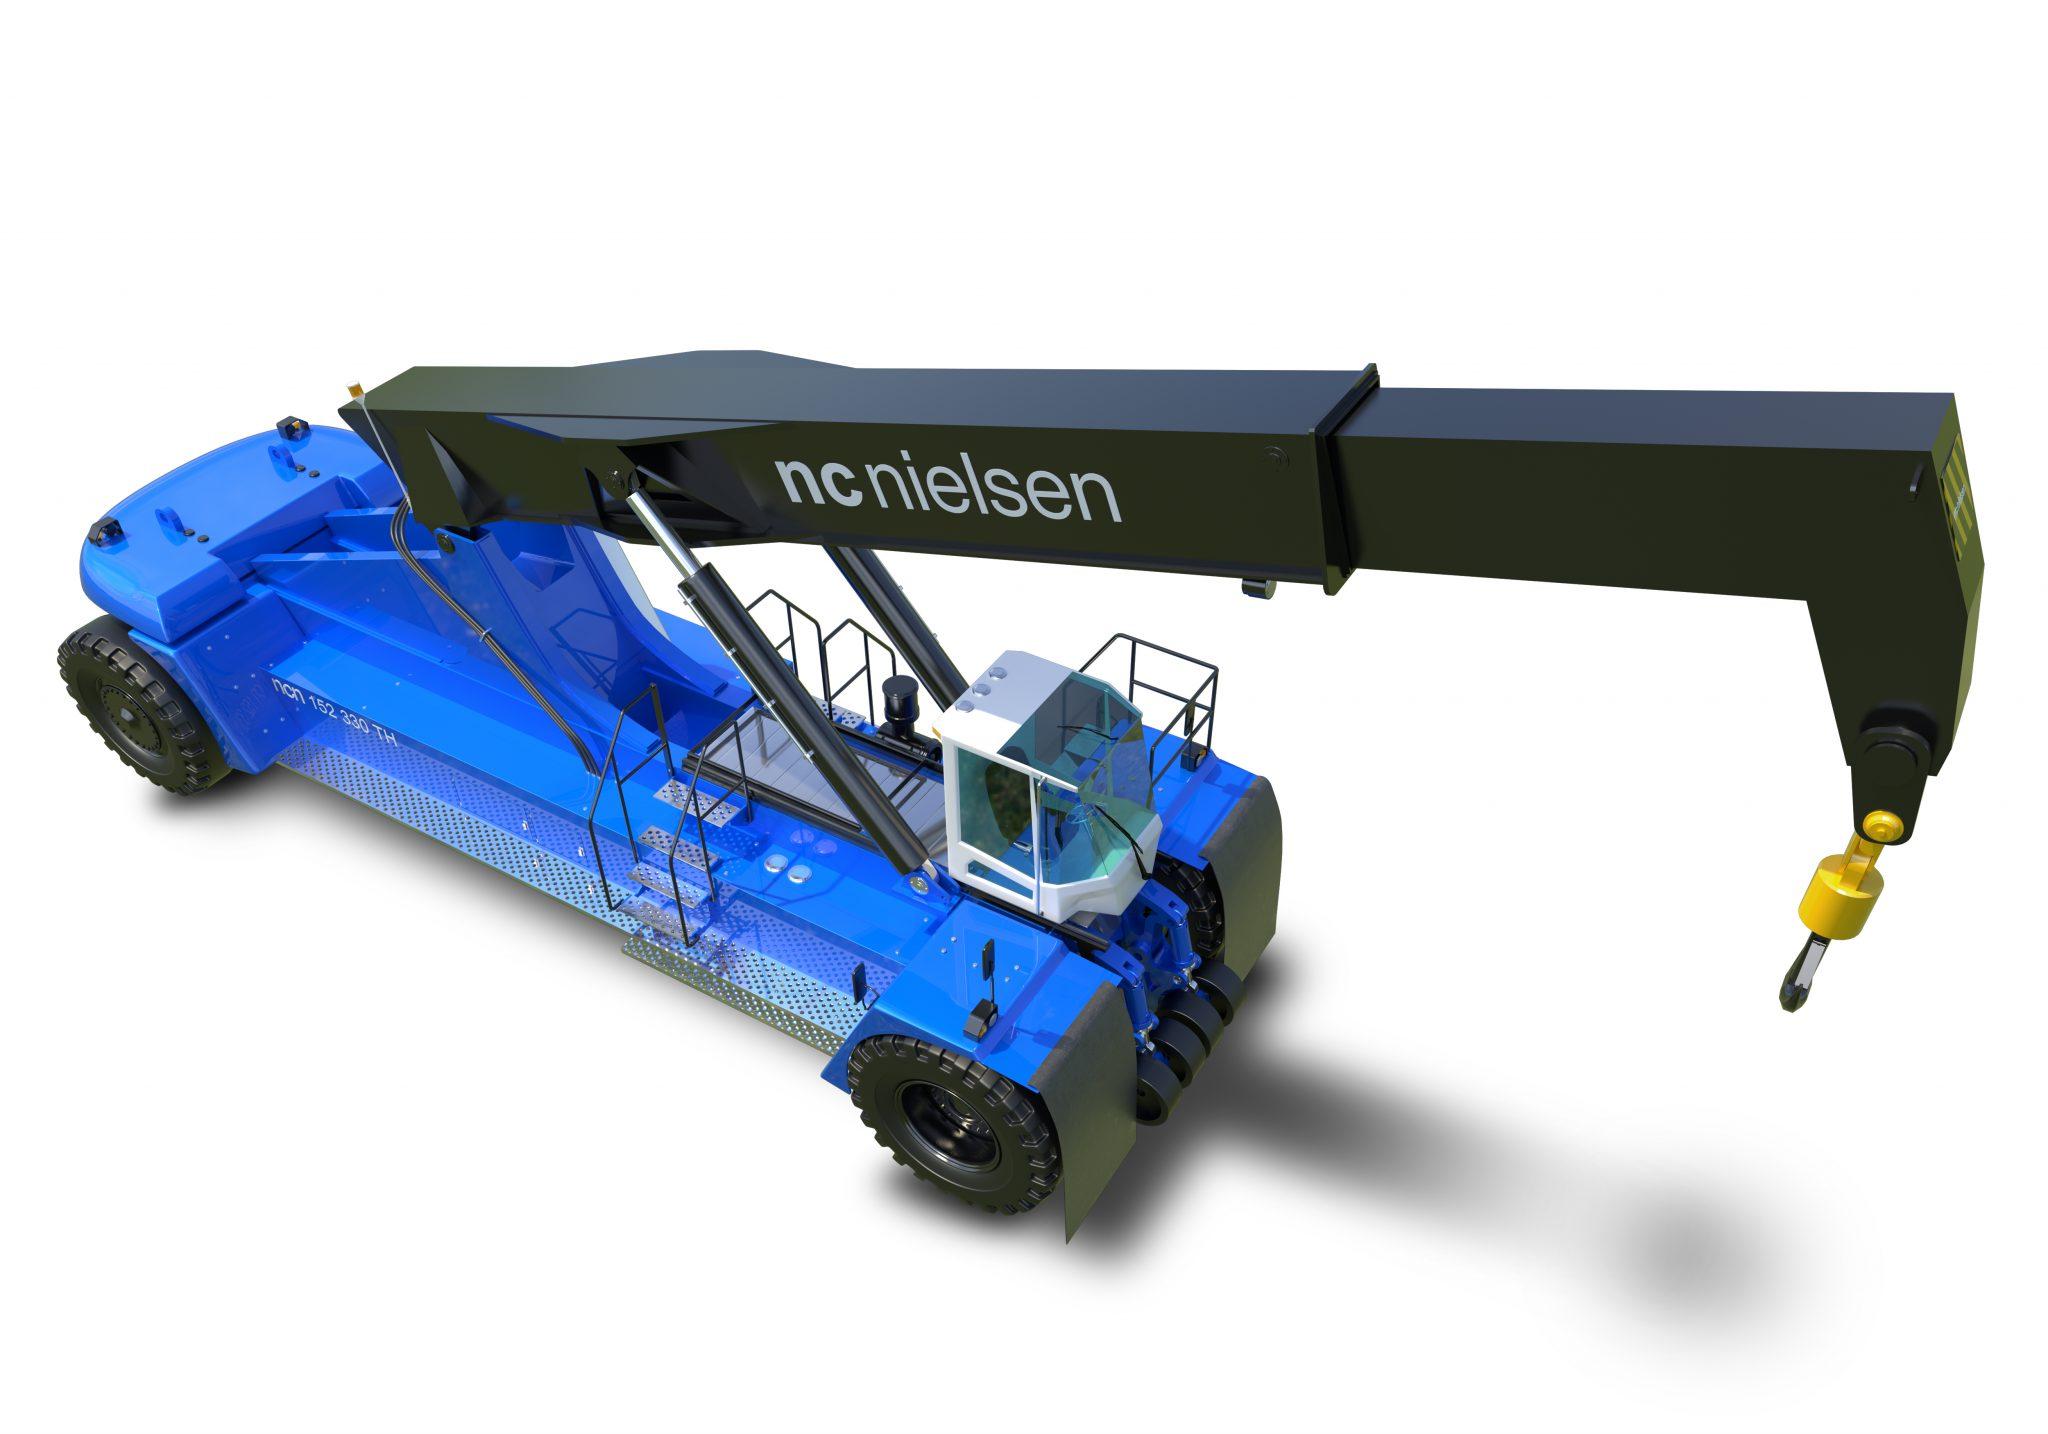 3D modelleret Reachstacker kran modelleret, visualiseret, animeret og klargjort til augmented reality i samarbejde med NC Nielsen